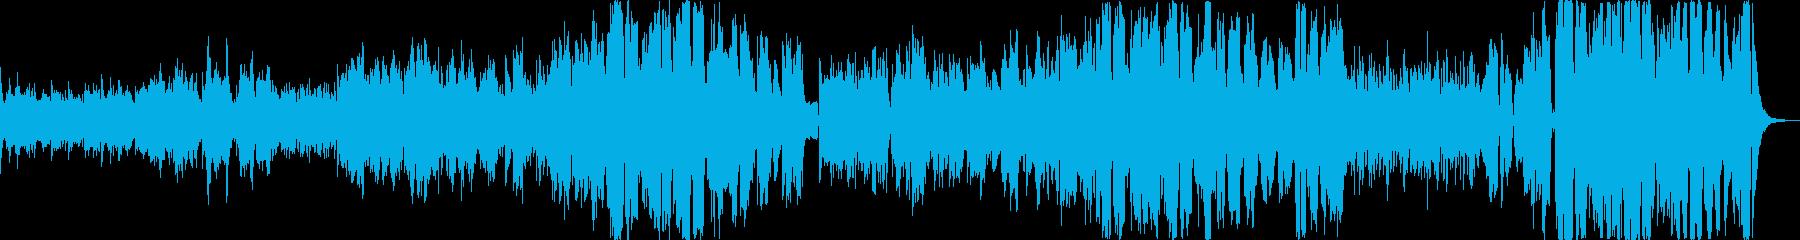 サーカスがテーマのファンタジーポップスの再生済みの波形